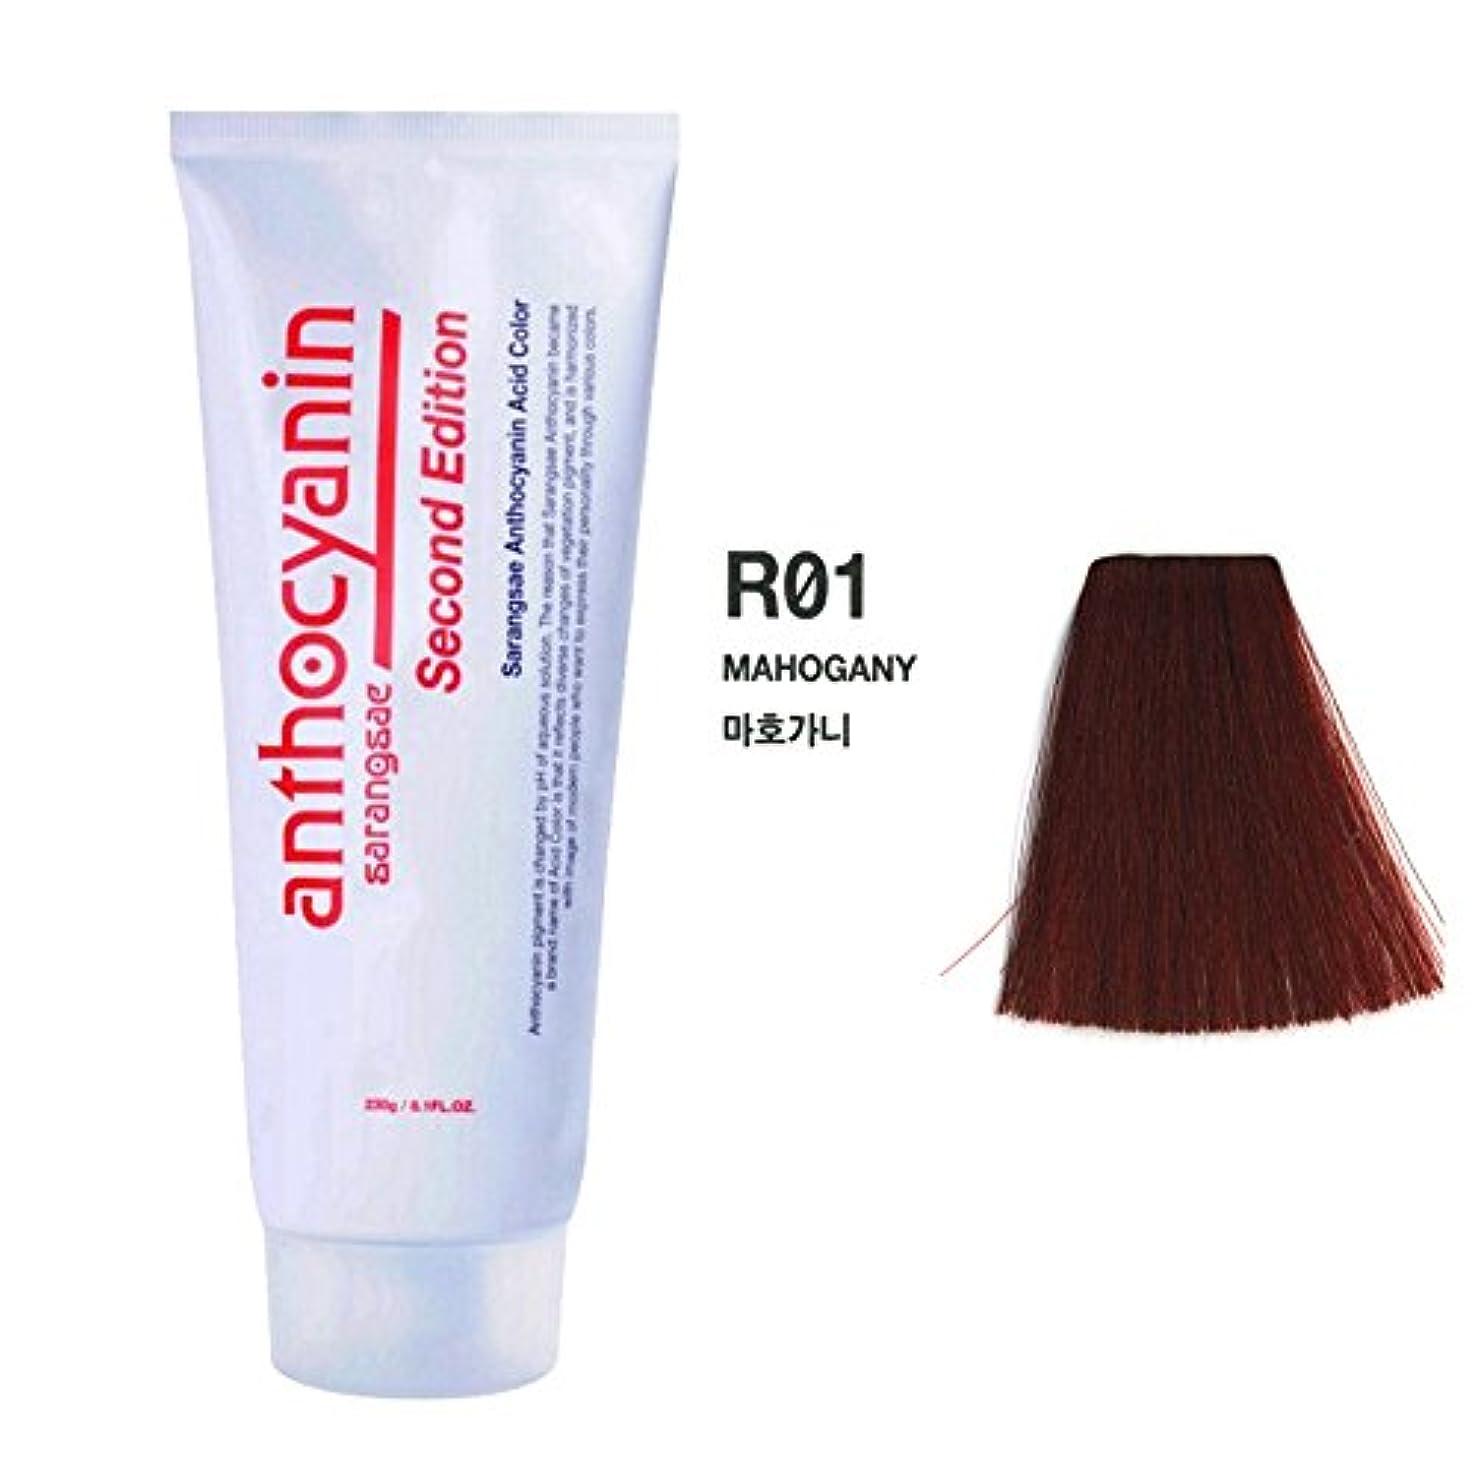 鮮やかな休戦良いヘア マニキュア カラー セカンド エディション 230g セミ パーマネント 染毛剤 ( Hair Manicure Color Second Edition 230g Semi Permanent Hair Dye) [並行輸入品] (R01 Mahogany)